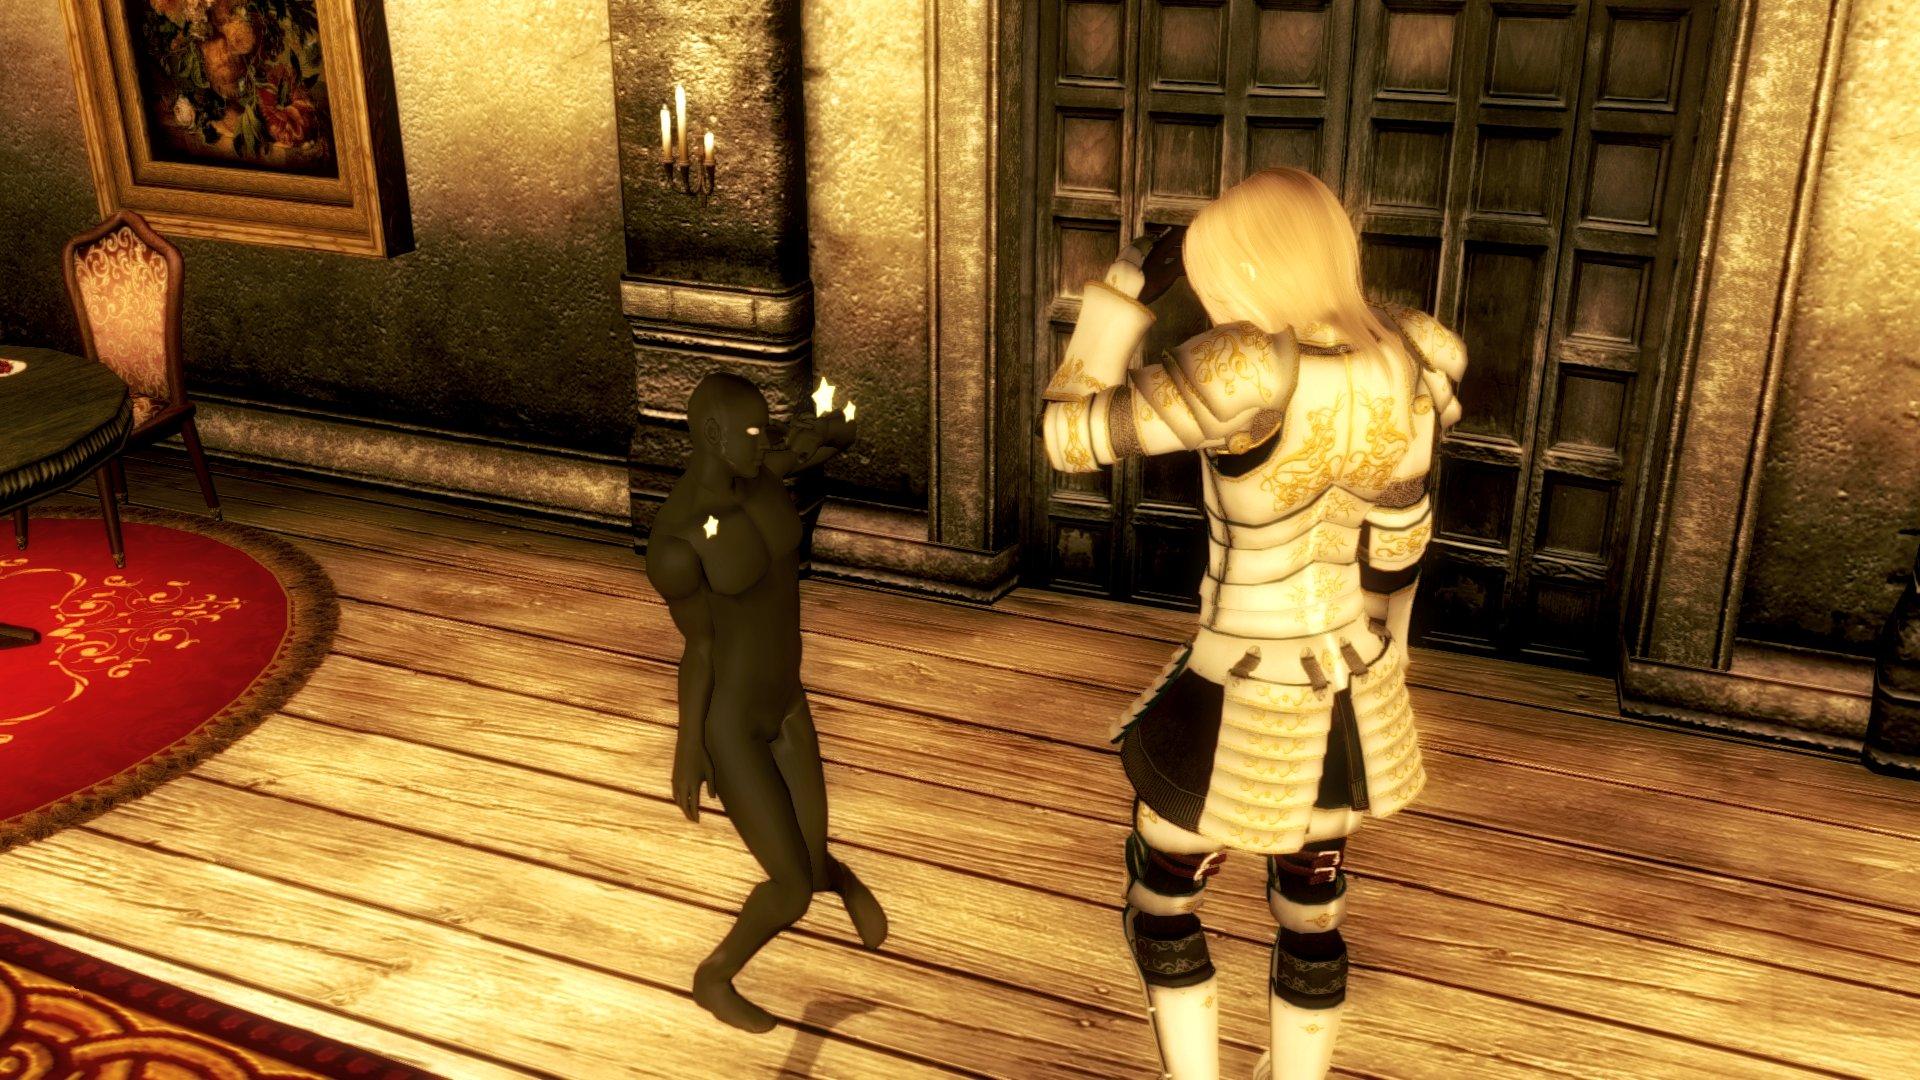 Oblivion 2012-05-21 22-29-31-07